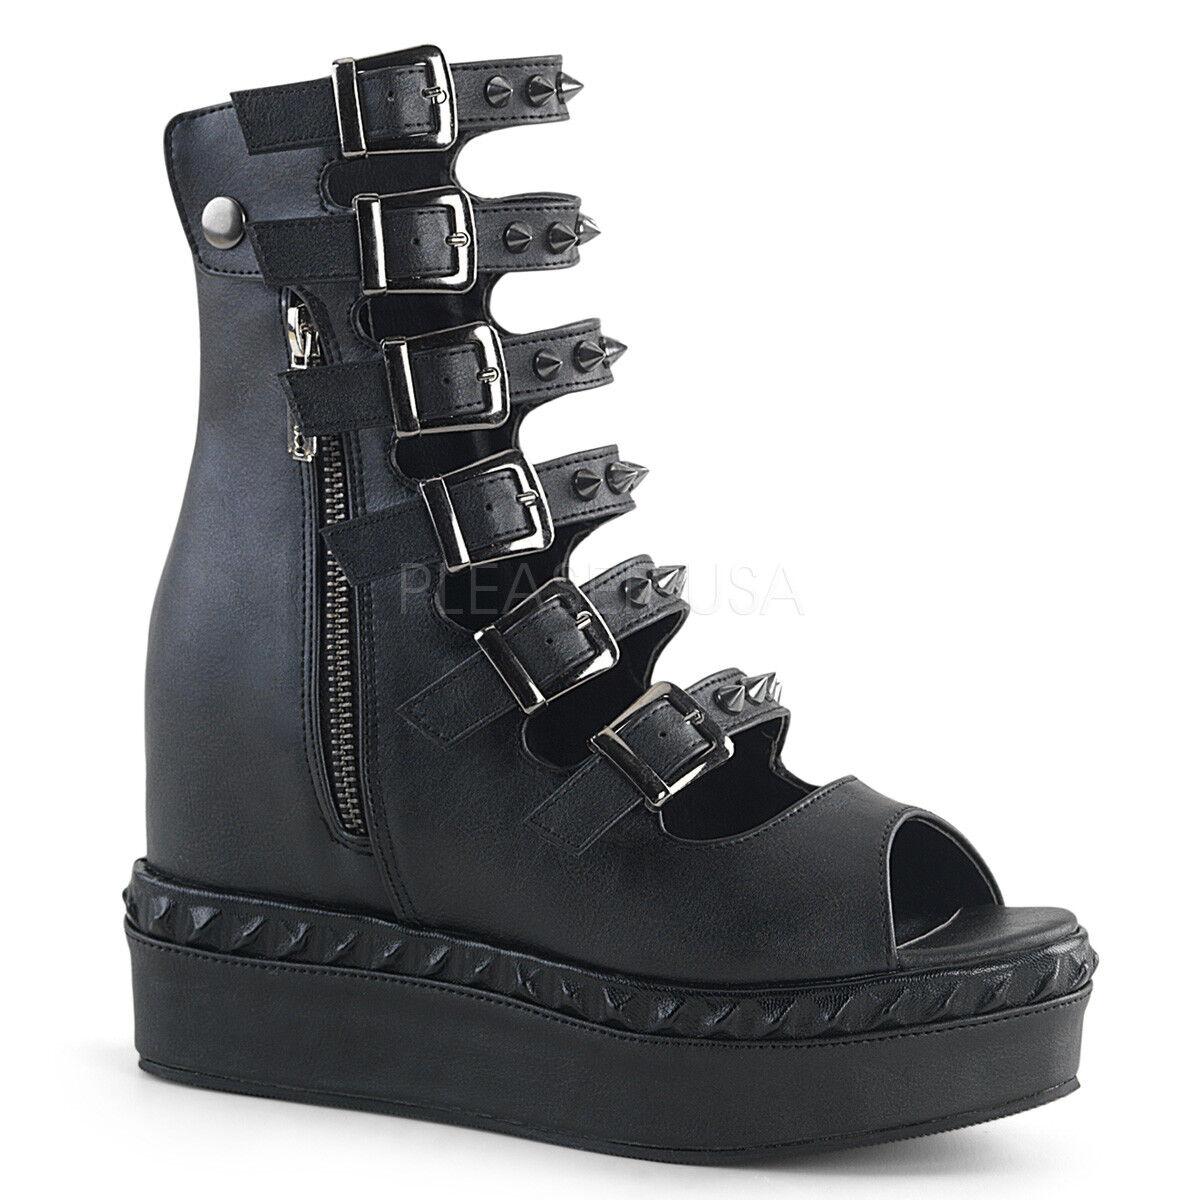 Demonia Veneno - 110 110 110 para Mujeres Cuero Negro Vegano Cuña Plataforma botas al tobillo  comprar descuentos